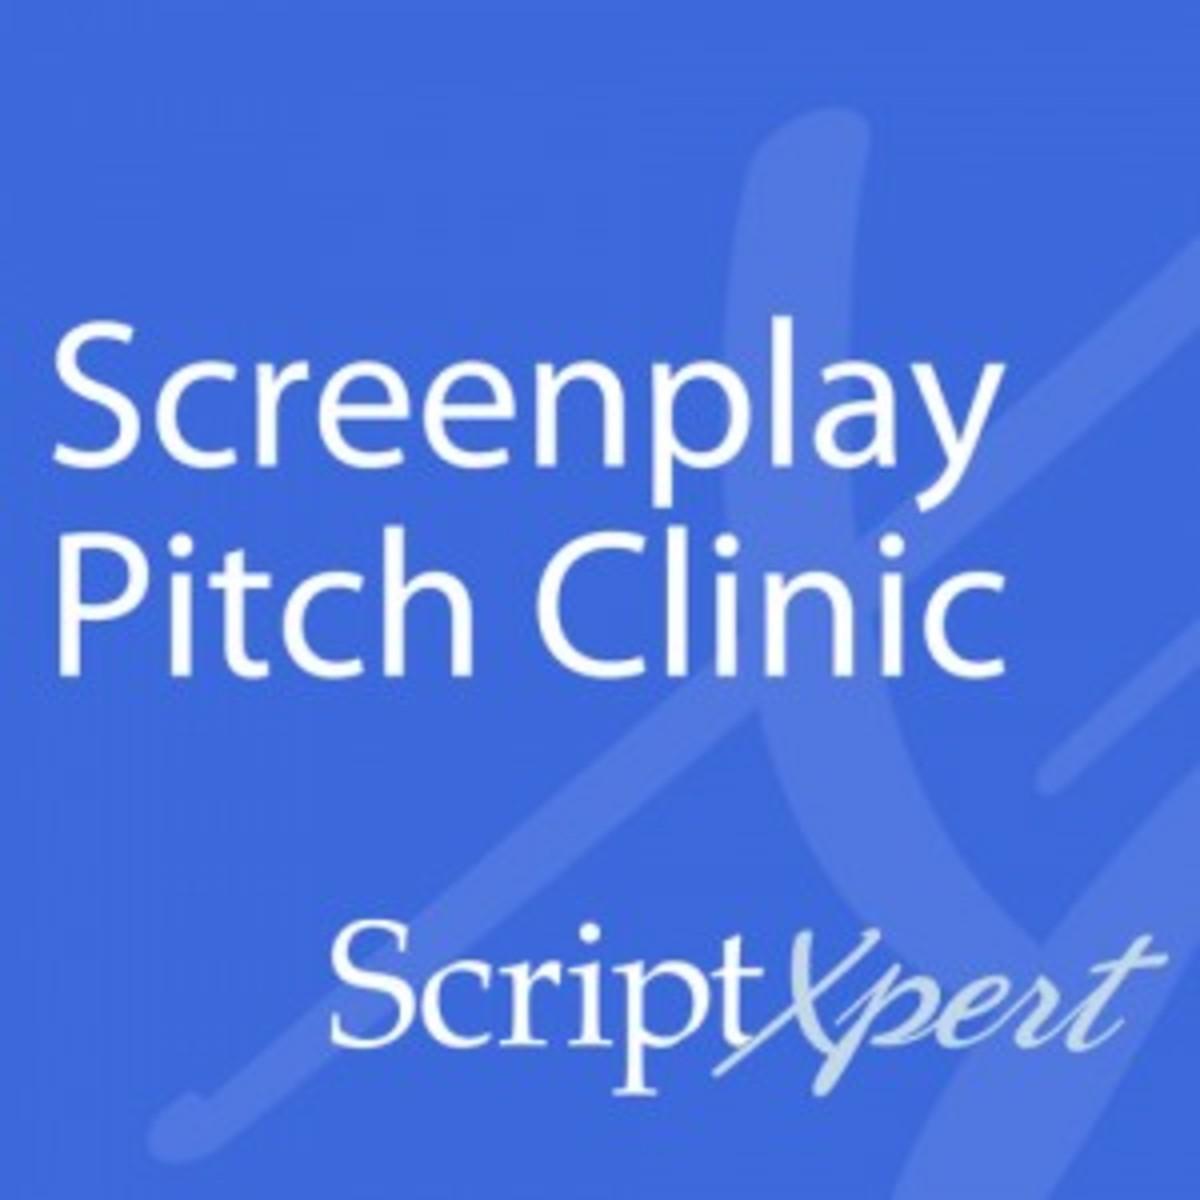 scriptxpert-screenplay-pitch-clinic_medium-1